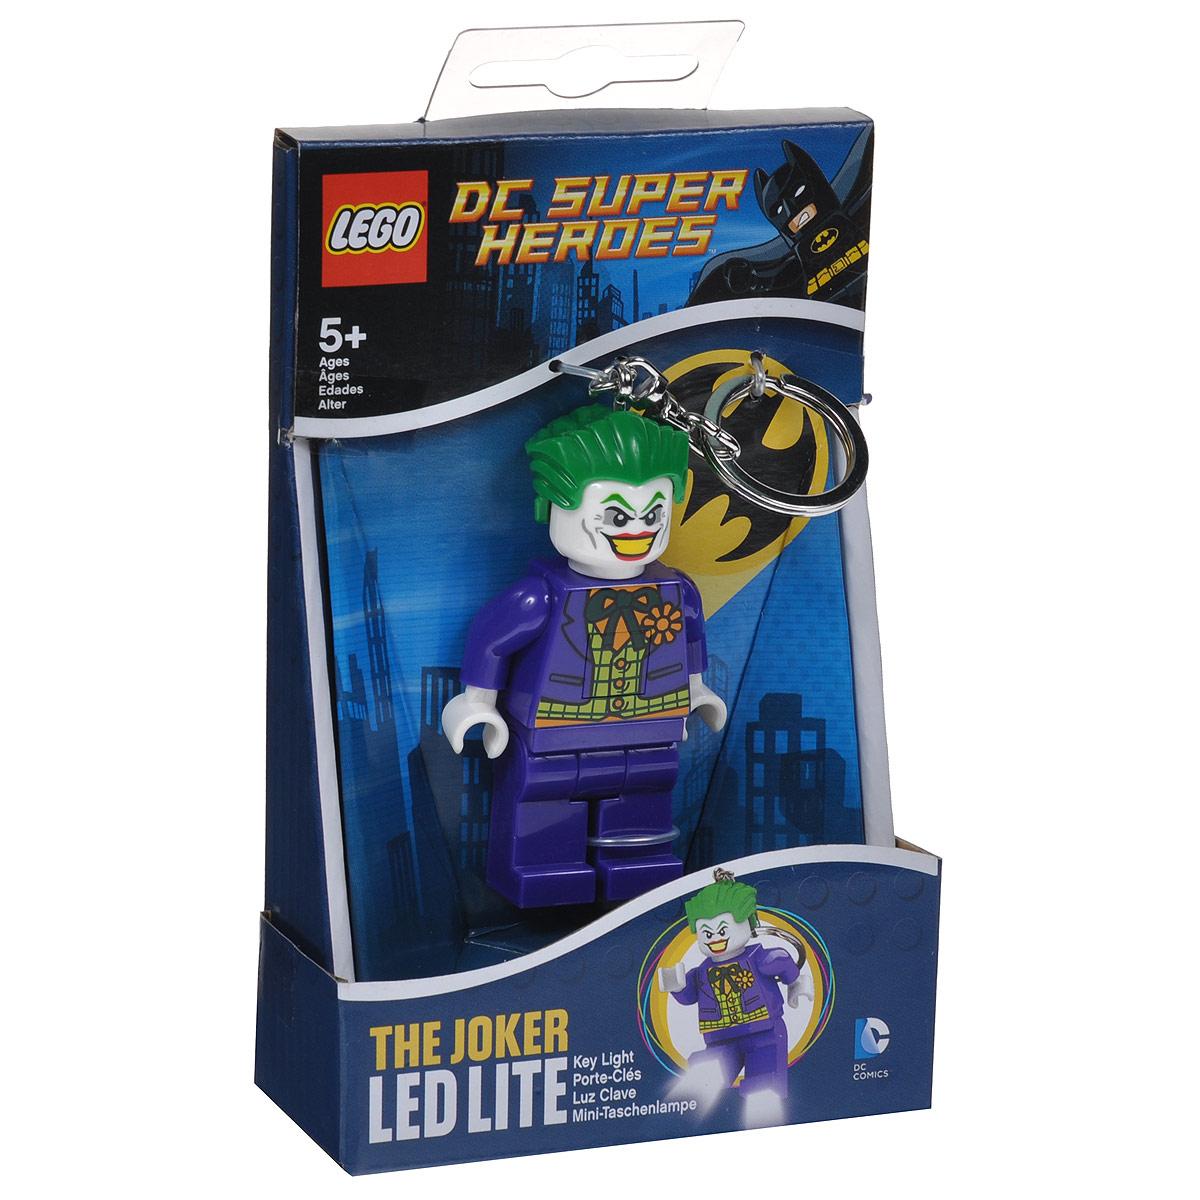 Брелок-фонарик для ключей Lego JokerLGL-KE30Брелок Lego Joker станет отличным подарком для родственников, знакомых или коллег по работе. Его можно пристегнуть к рюкзаку, сумке или повесить на связку ключей. Брелок имеет функцию фонарика, с помощью которой вы сможете в ночное время суток заглянуть под капот машины, осветить себе путь во время поздних пеших прогулок, разглядеть в темном подъезде замочную скважину.